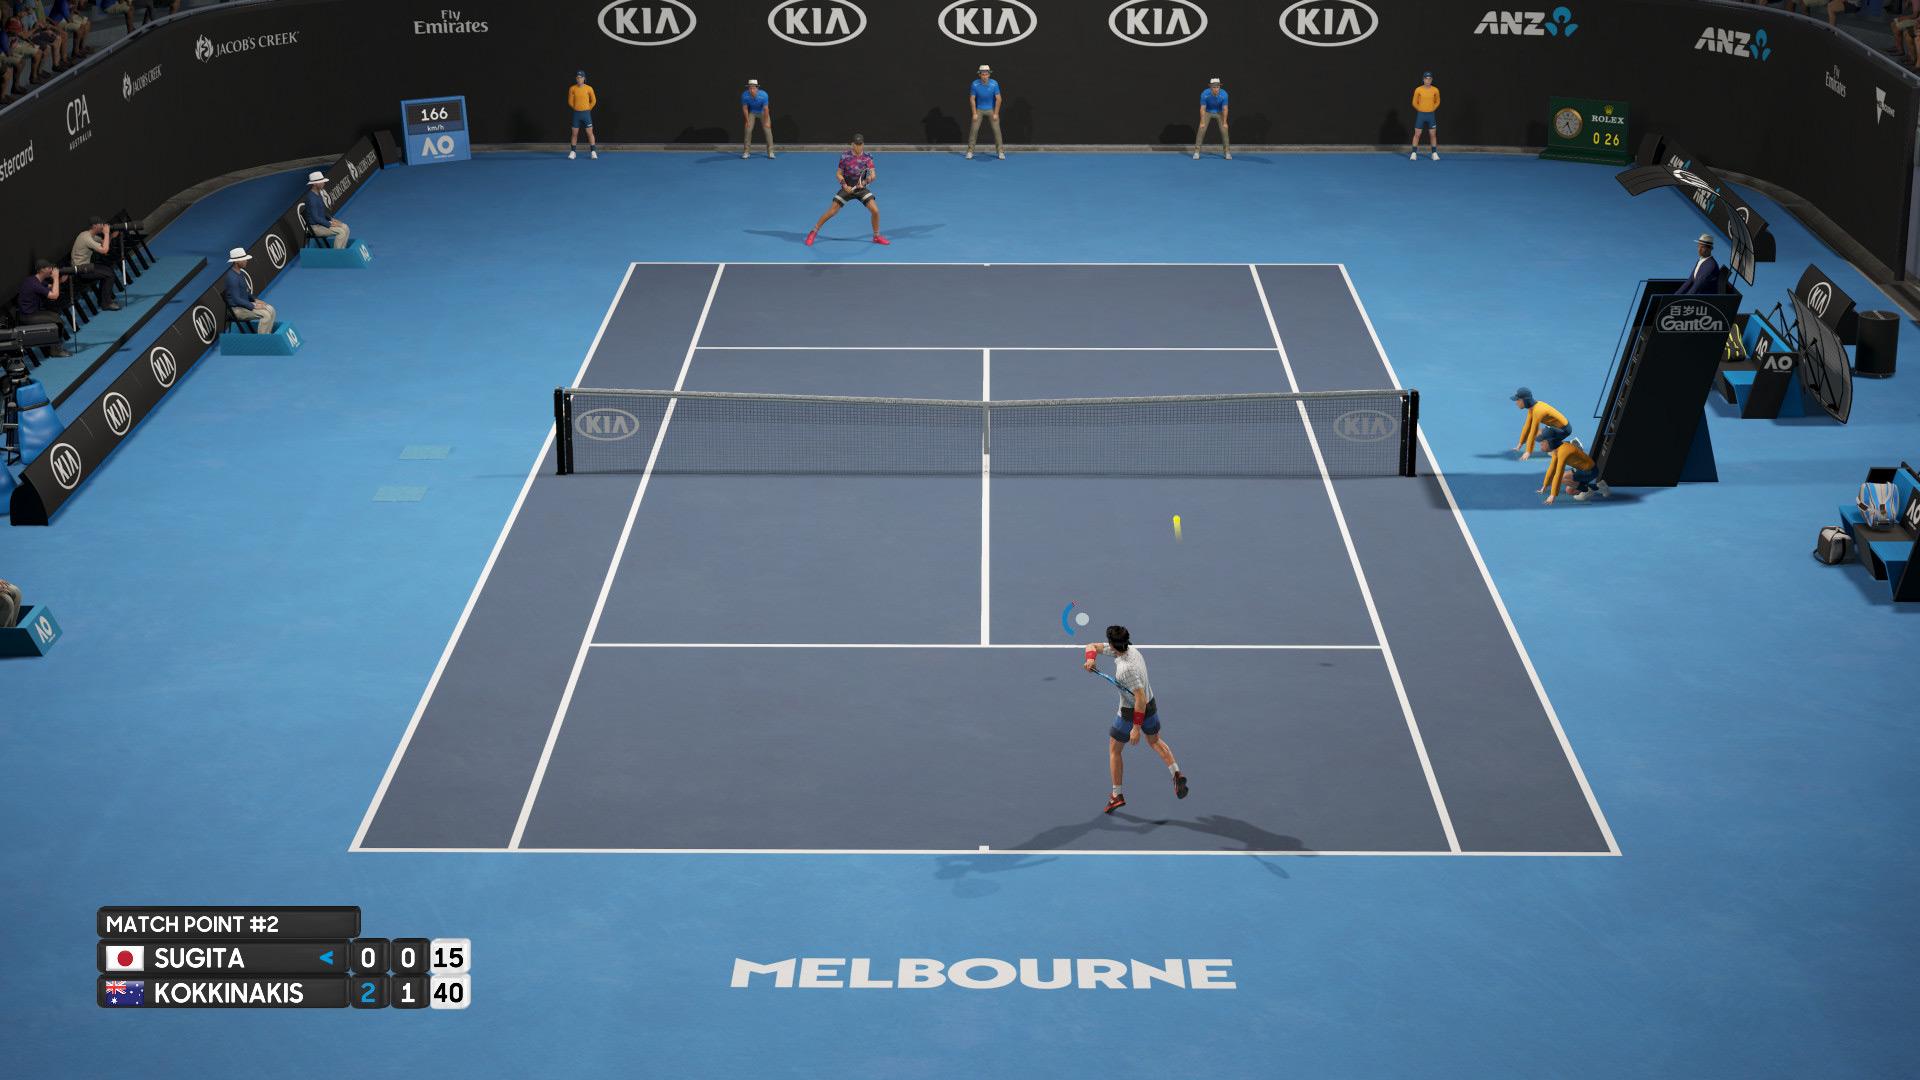 Tennisspiele